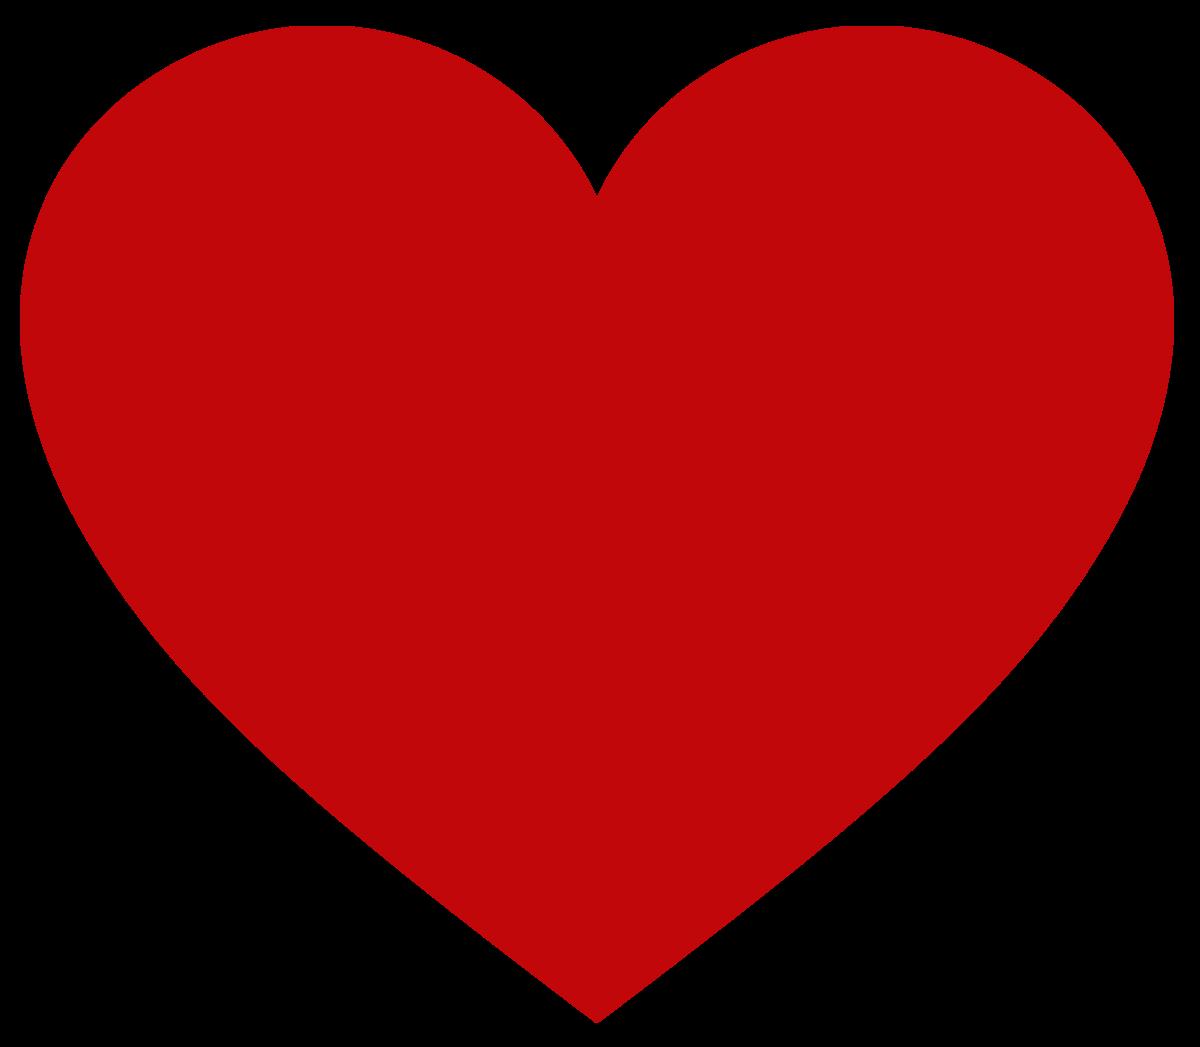 Drug clipart heart. November of tronoh online